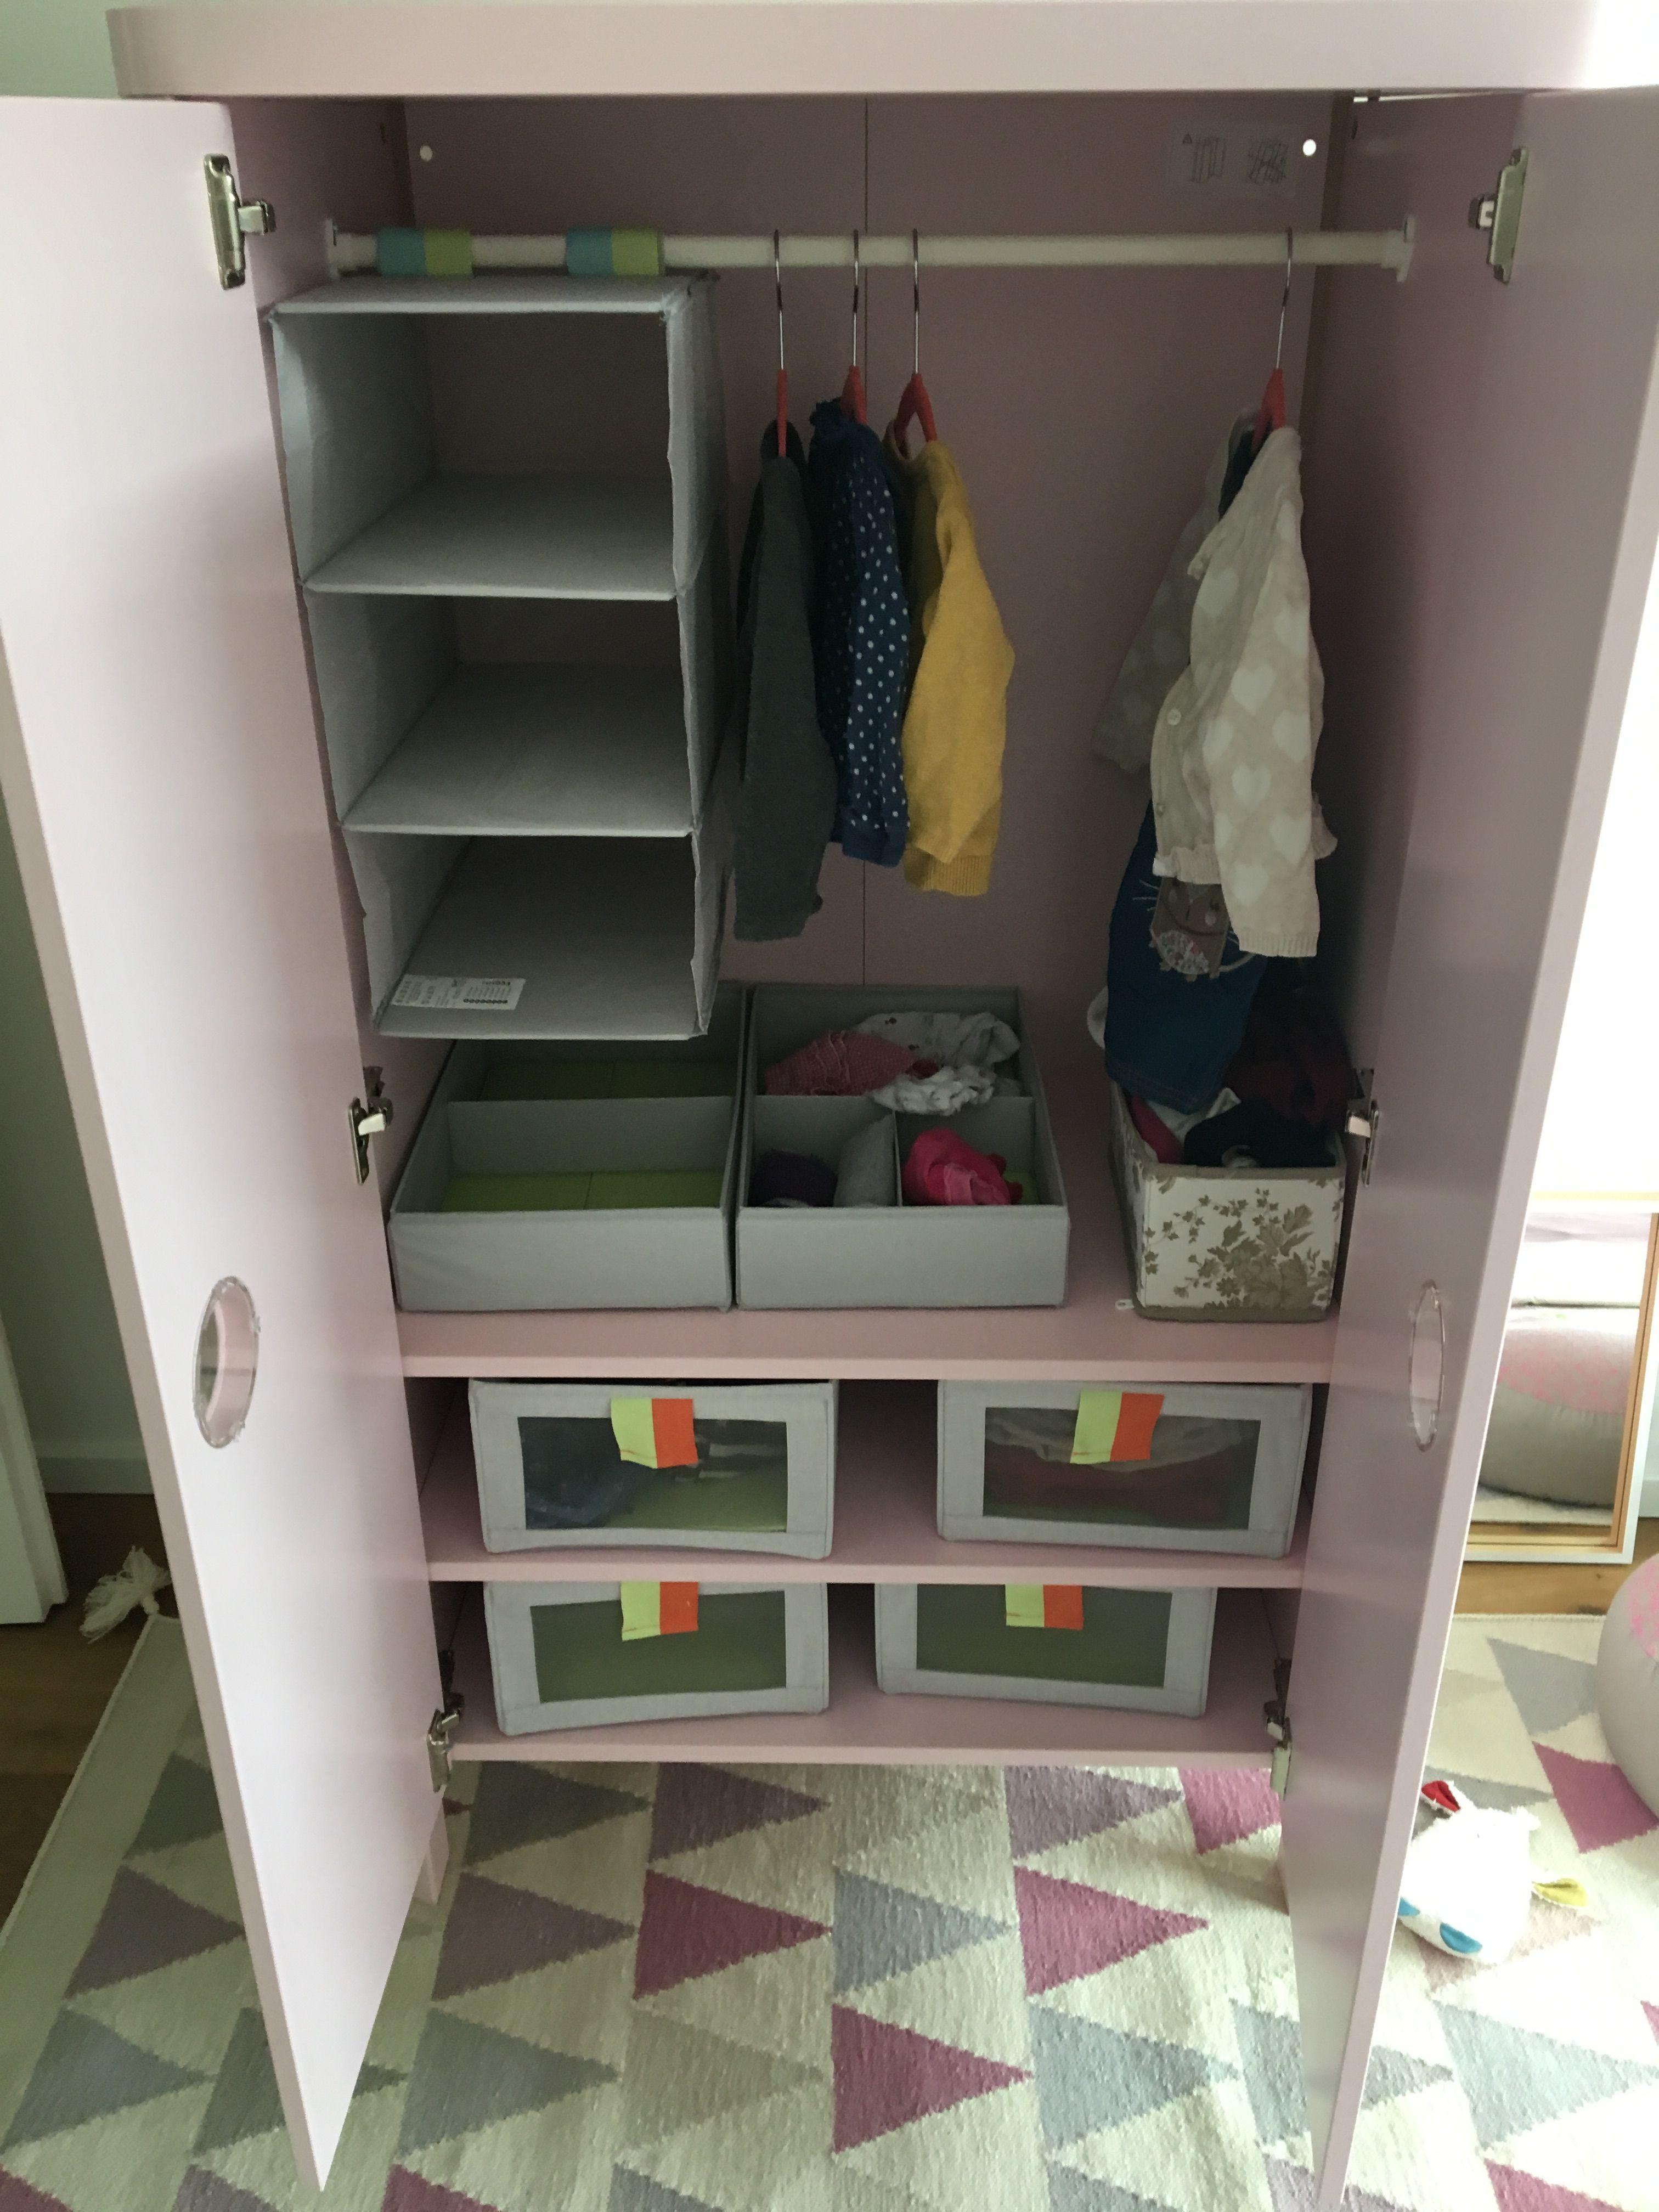 Ikea Busunge Kleiderschrank Organisieren Mit Organizern Von Ikea